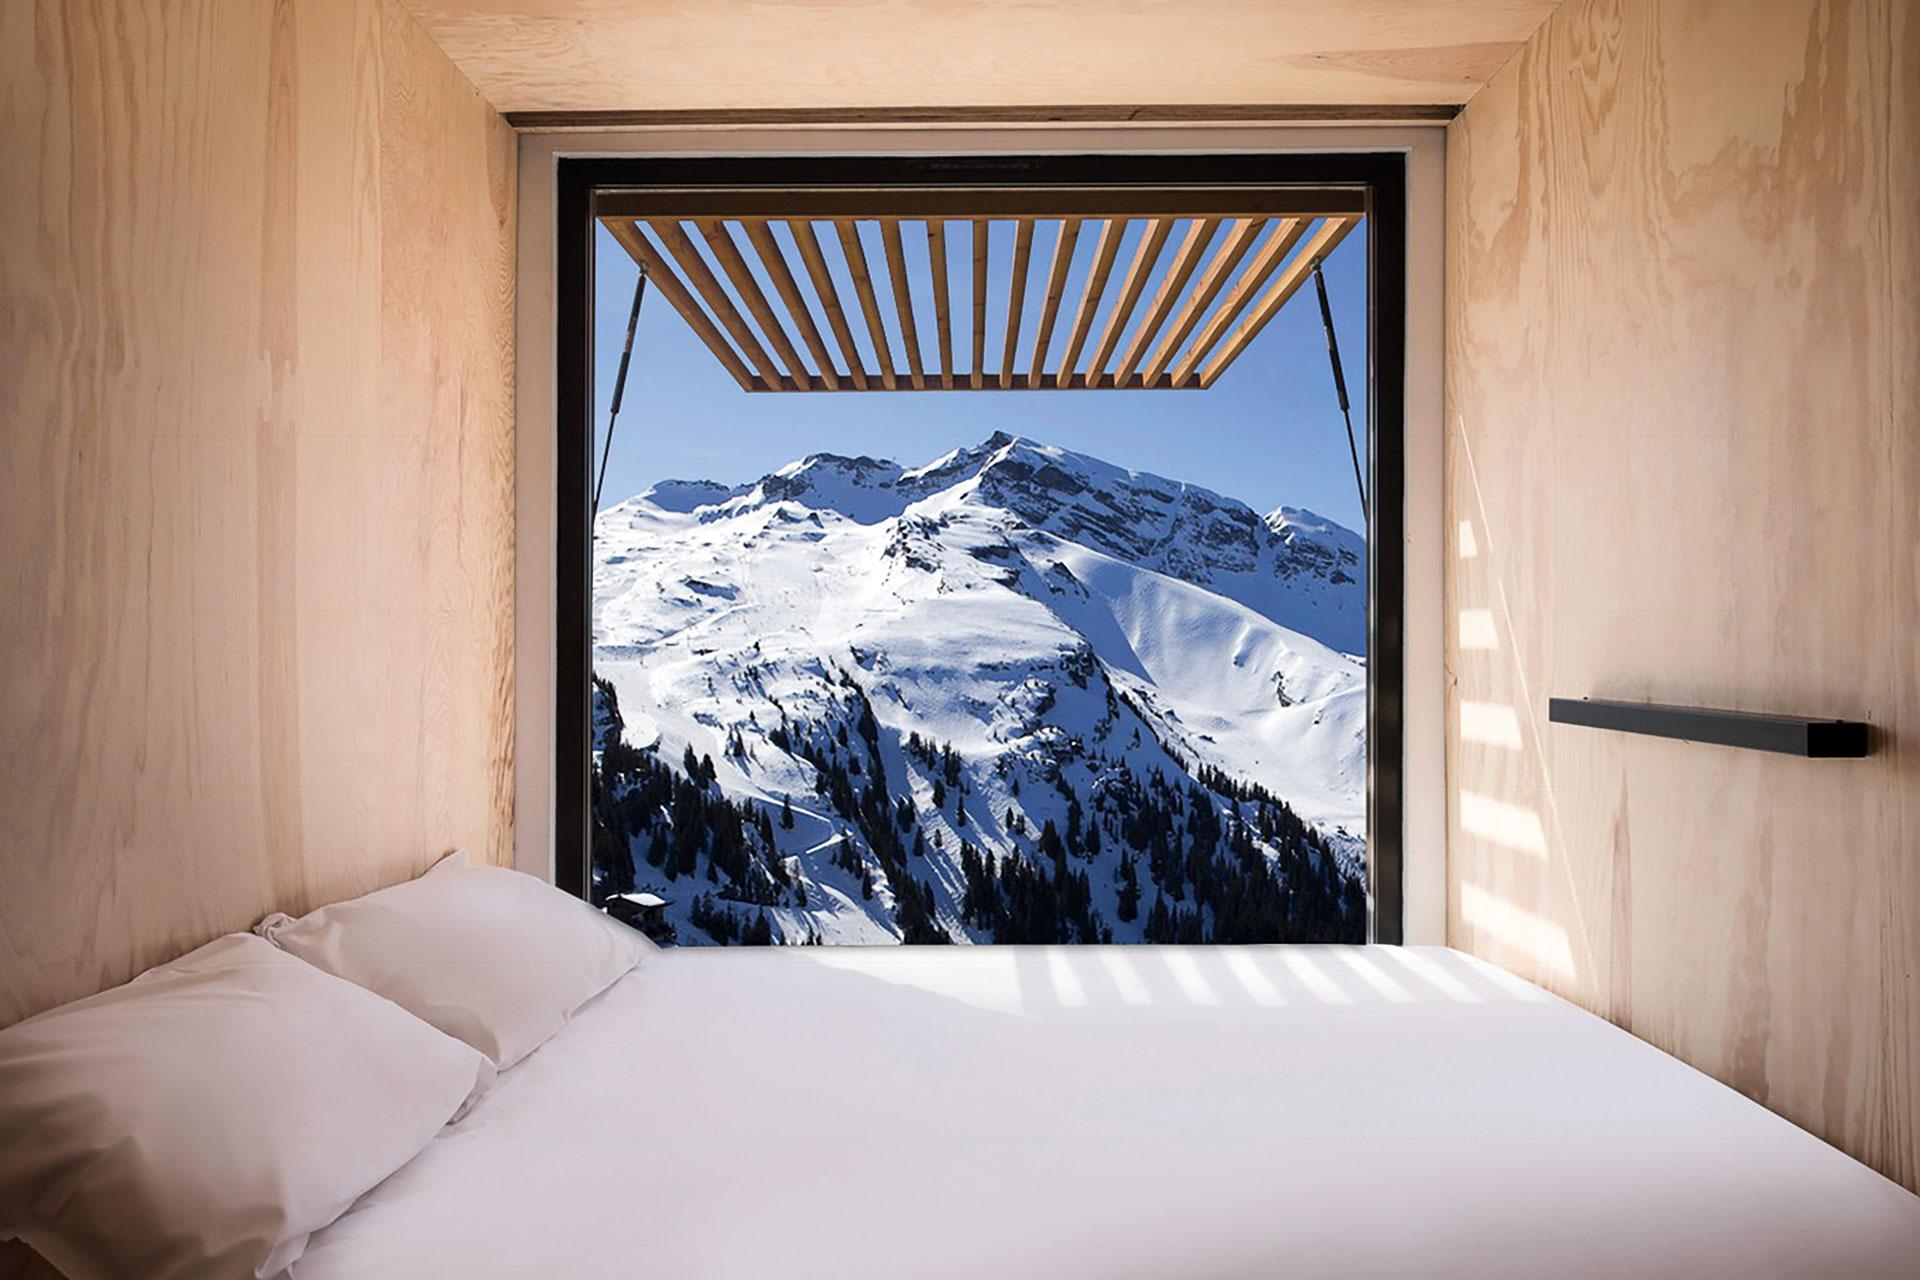 Cet hiver, vivez une expérience hors du commun au pied des pistes de ski d'Avoriaz : dormir dans un